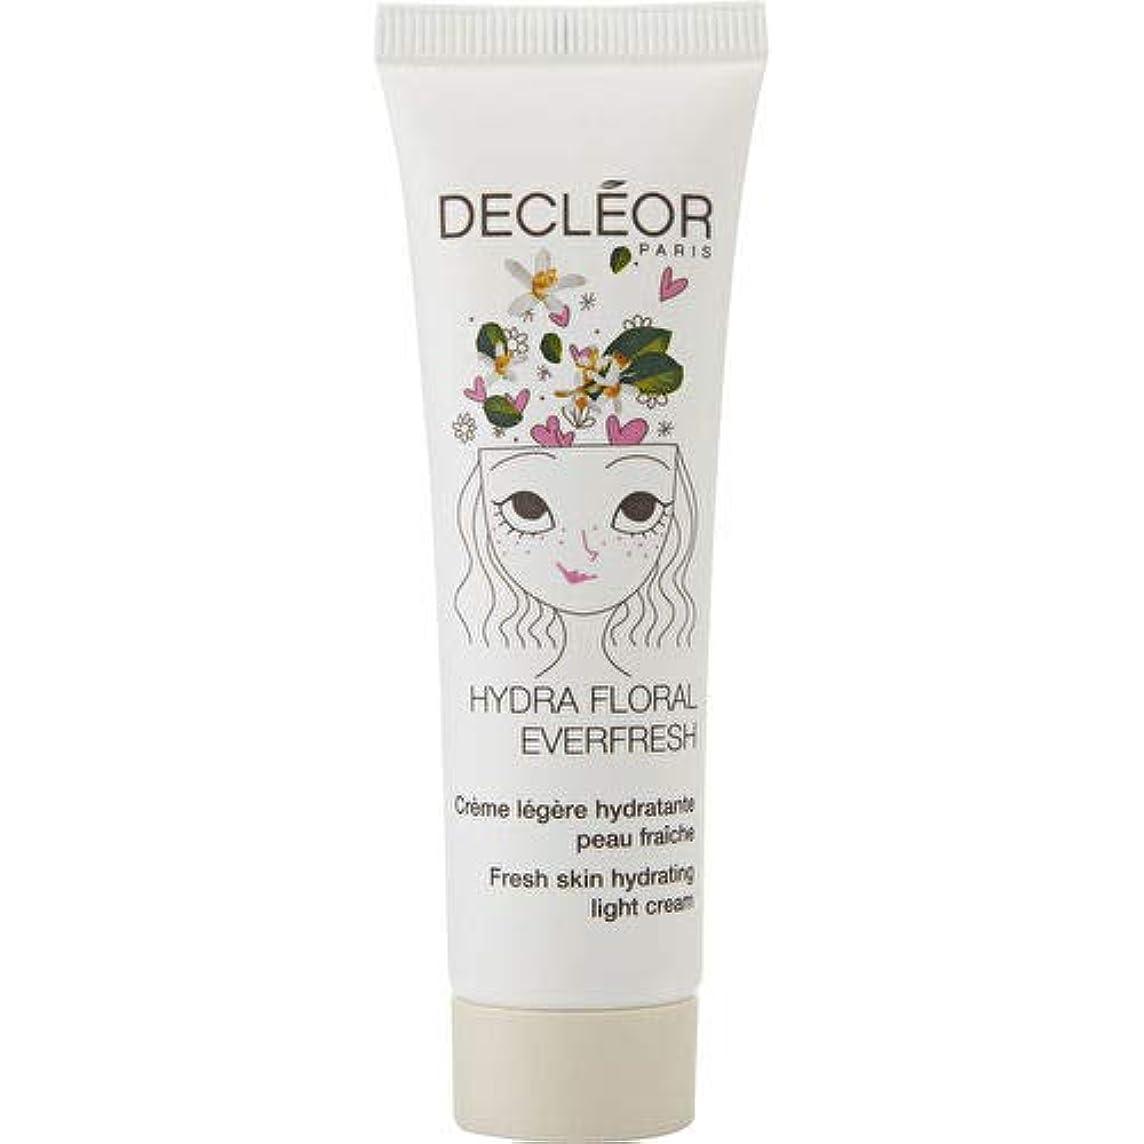 アミューズメントユニークな以上デクレオール Hydra Floral Everfresh Fresh Skin Hydrating Light Cream - For Dehydrated Skin 30ml/1oz並行輸入品